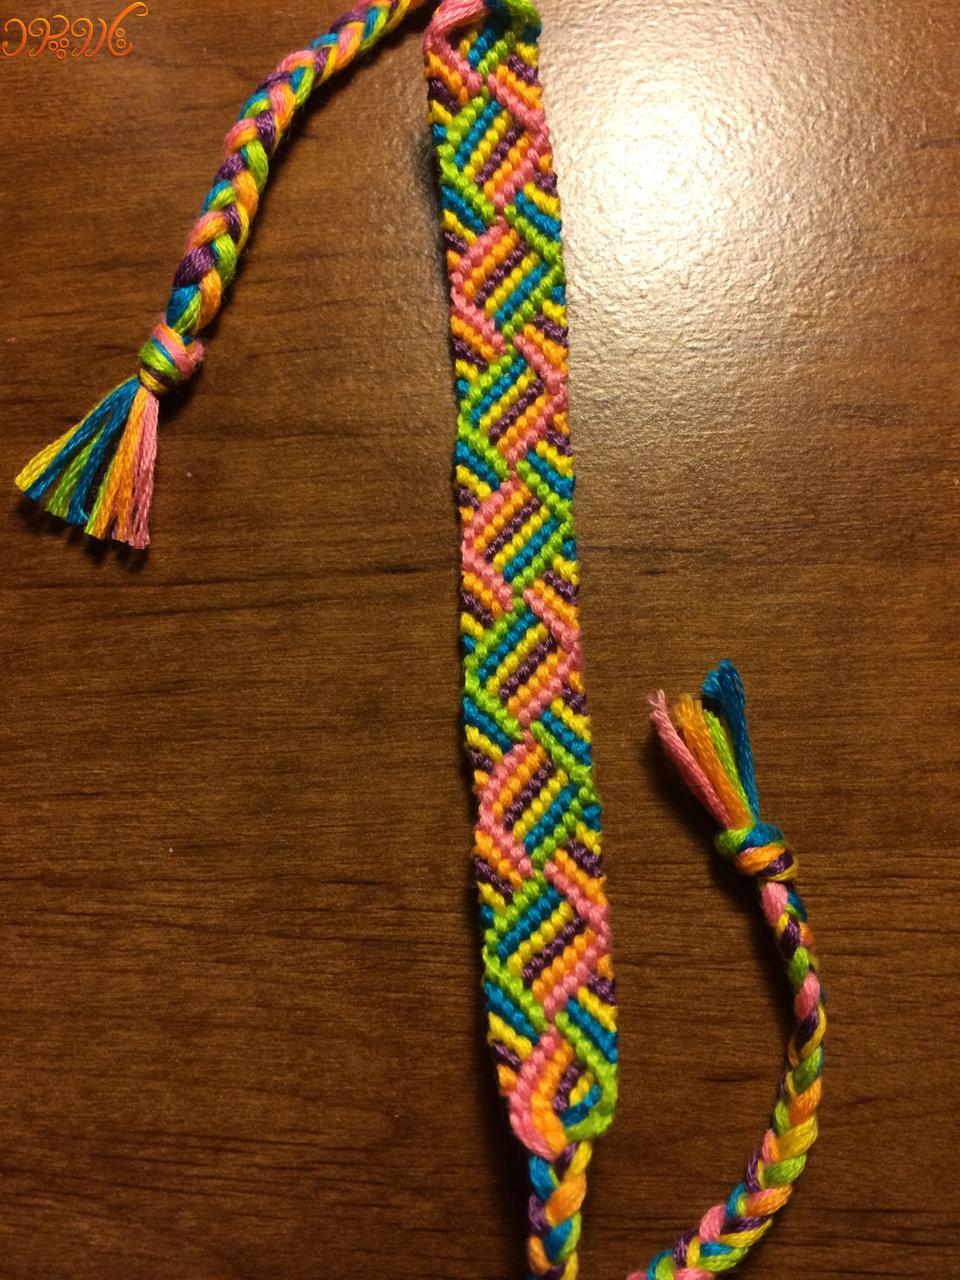 آموزش بافت دستبند دوستی زیبا و رنگارنگ تاروپود